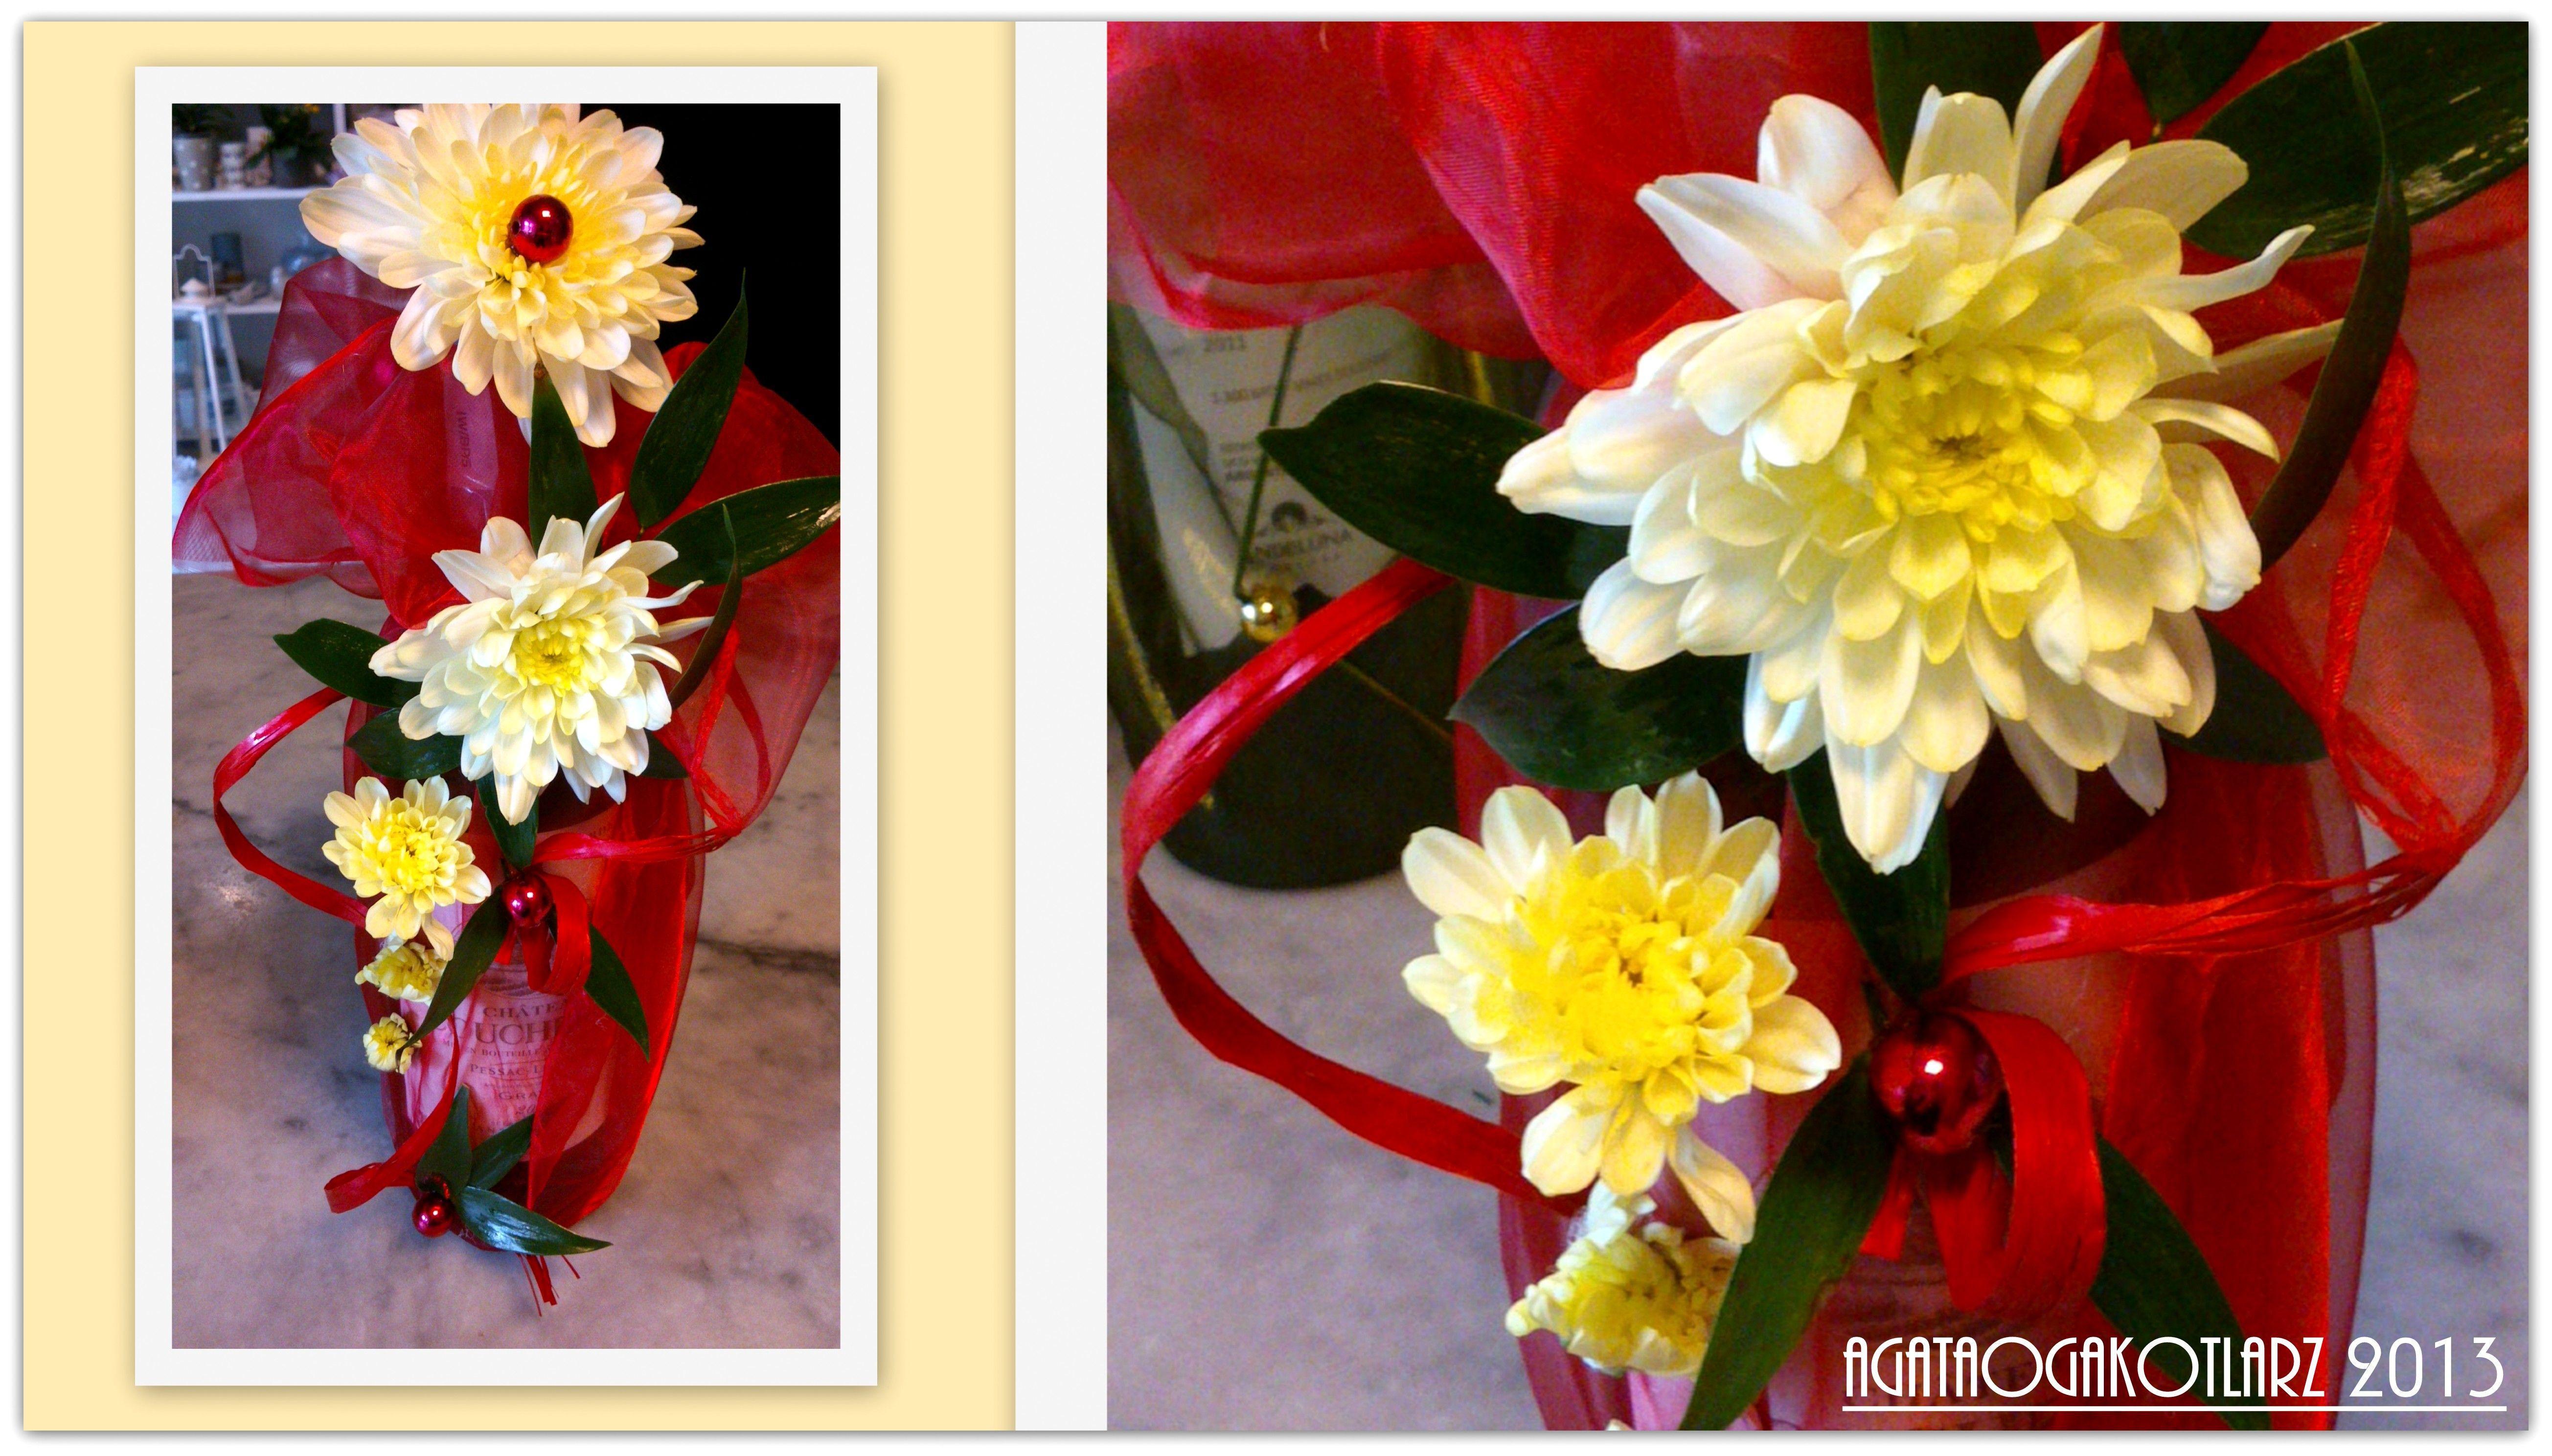 Butelka Wina Ozdobiona Zywymi Kwiatami Margaretki Plants